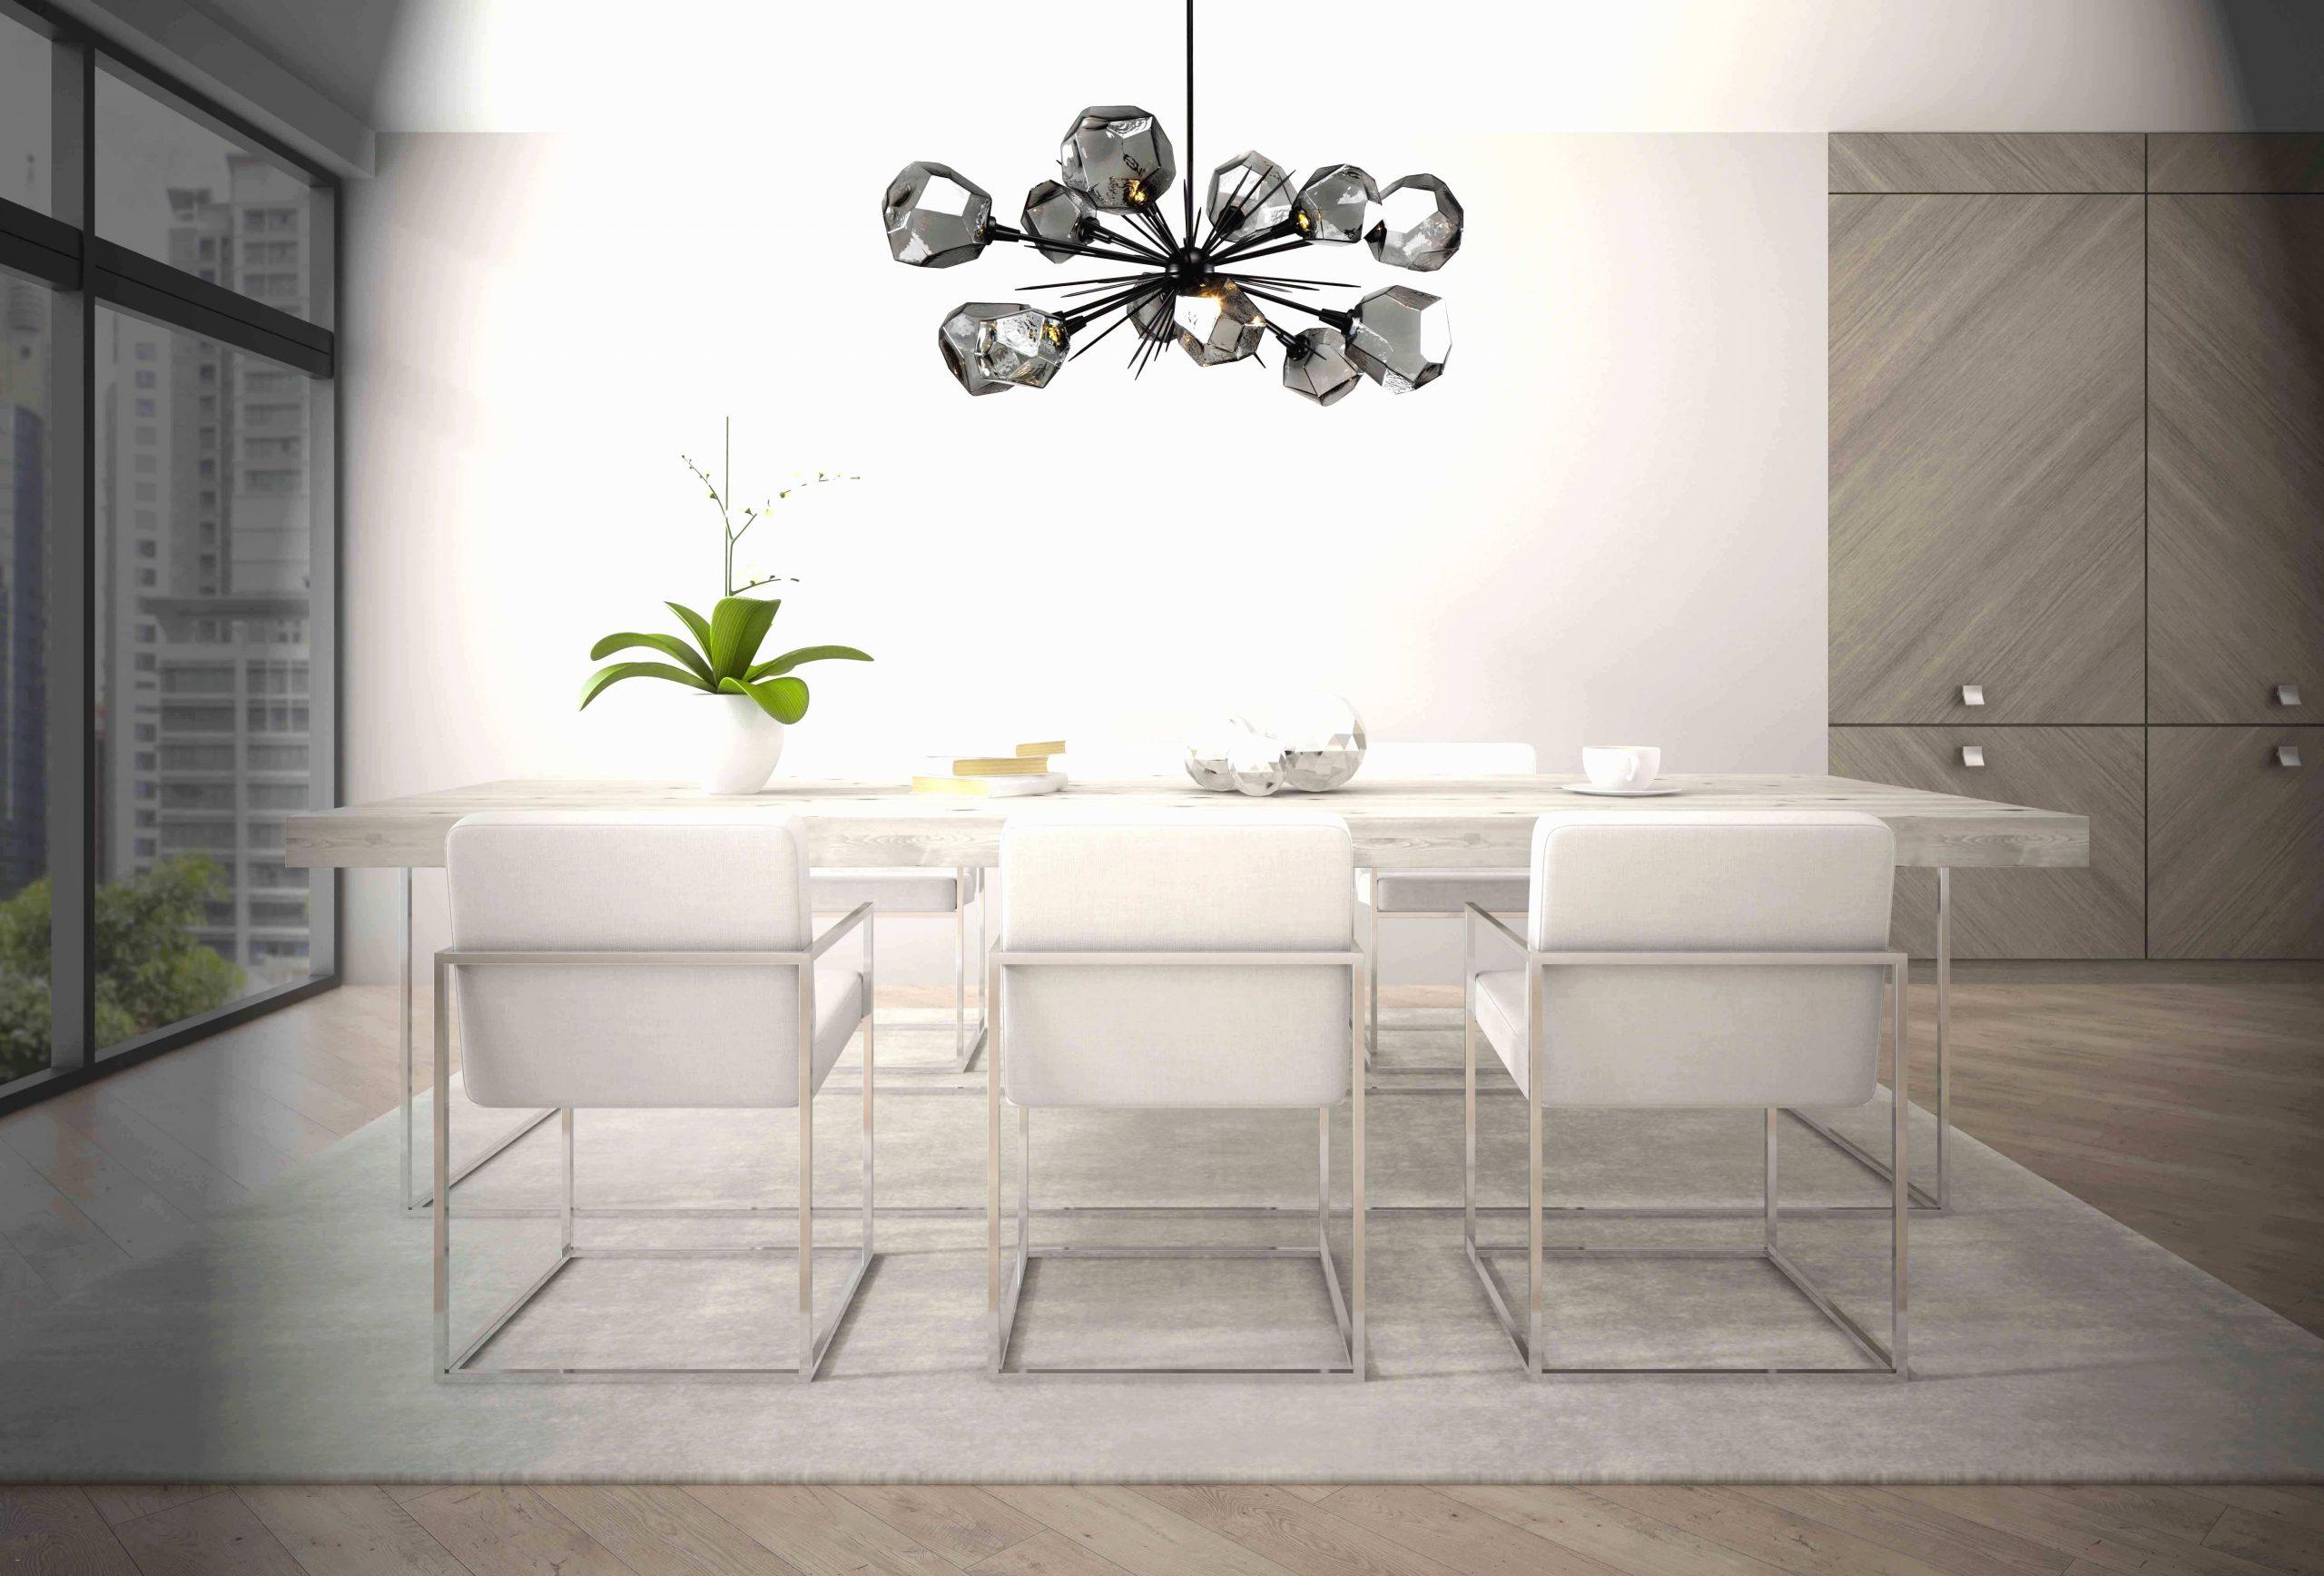 Full Size of Designer Stehlampen Holz Elegant Stehlampe Aus Papier Neu Wohnzimmer Bilder Modern Tapete Küche Moderne Duschen Modernes Sofa Deckenlampen Bett Design Wohnzimmer Stehlampen Modern